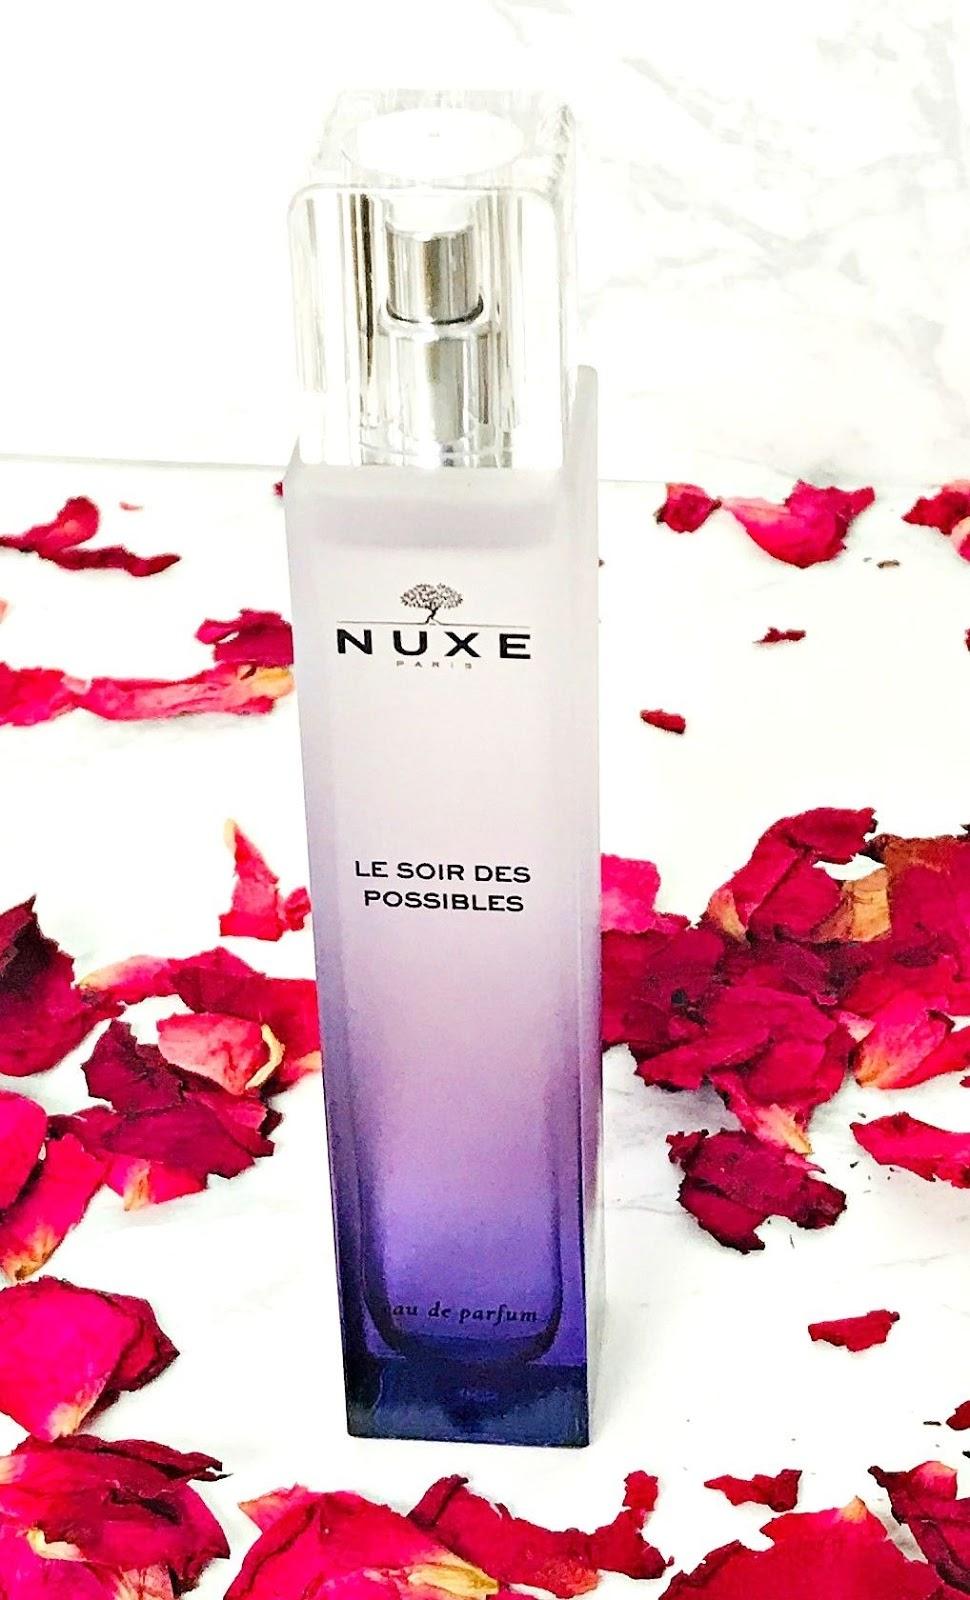 Nuxe Le Soir des Possibles Eau De Parfum